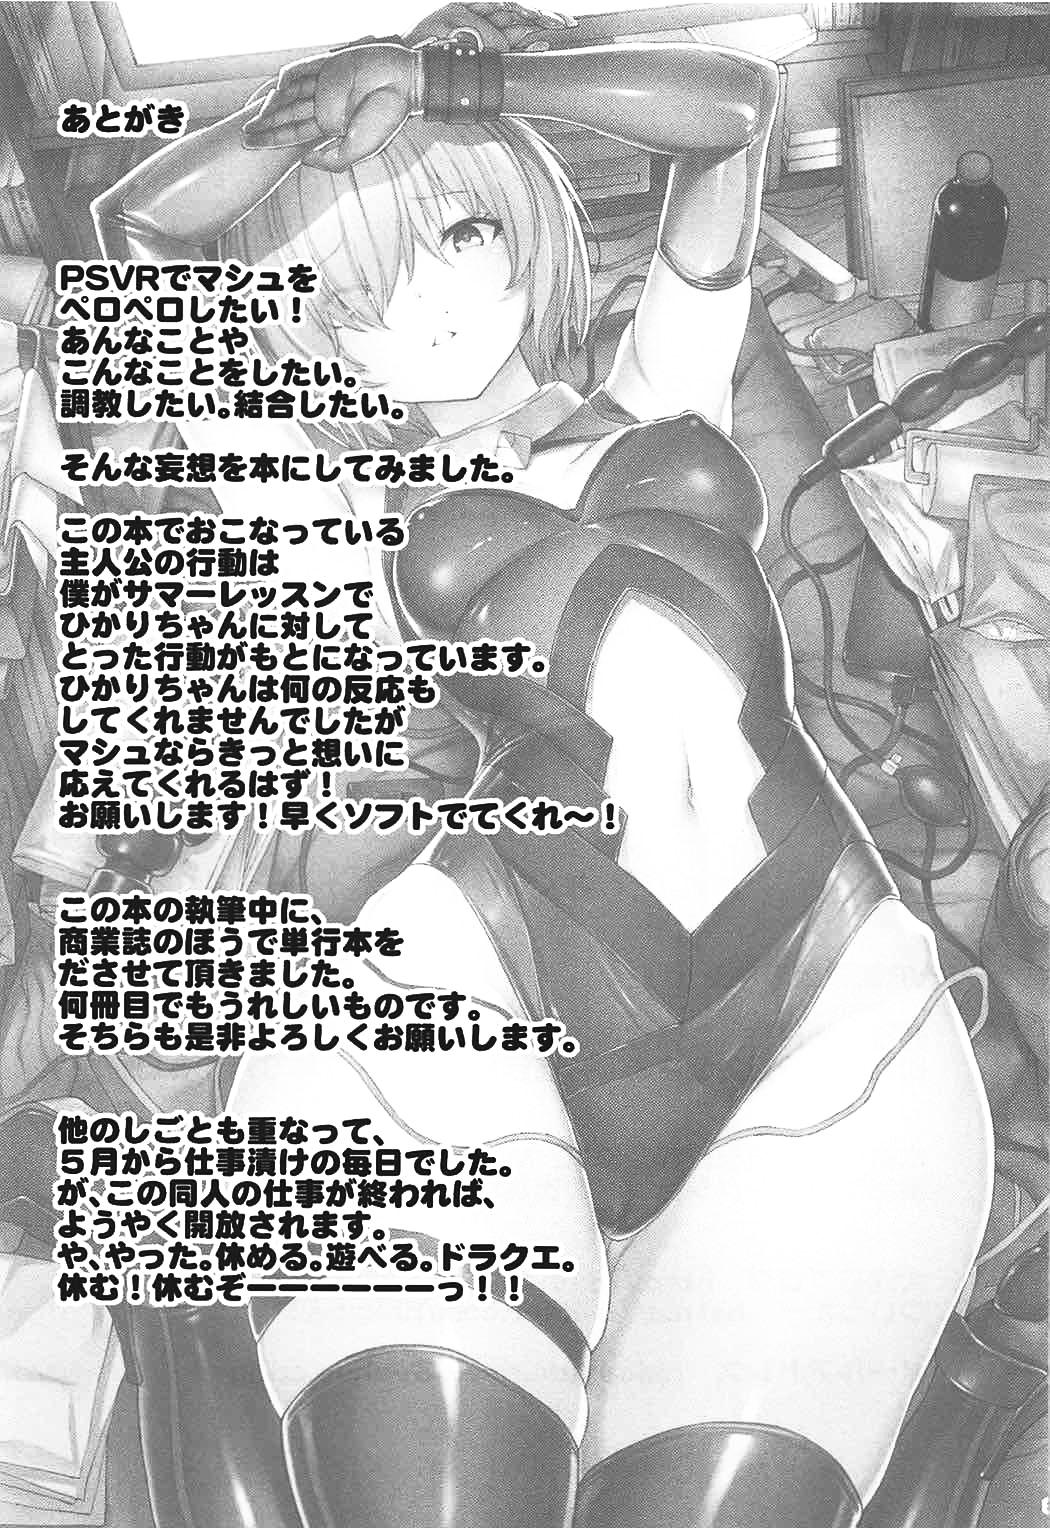 Hình ảnh  trong bài viết VR Choukyou Ryoujoku Mash